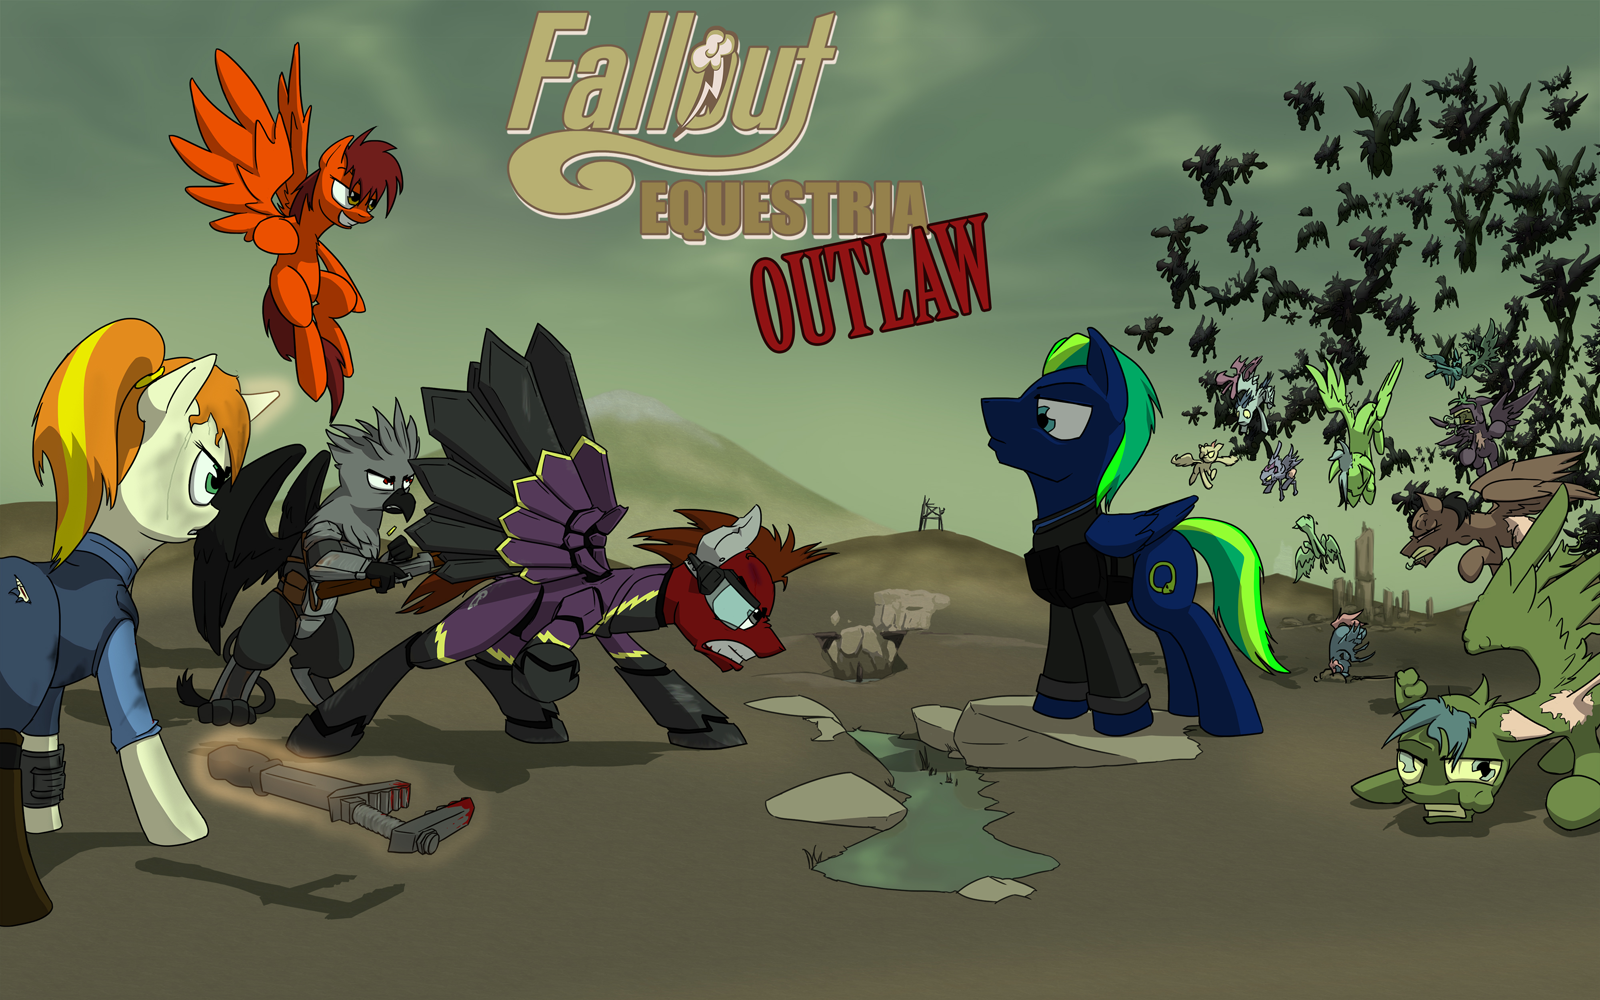 Fallout Equestria Outlaw Fallout Equestria Wiki